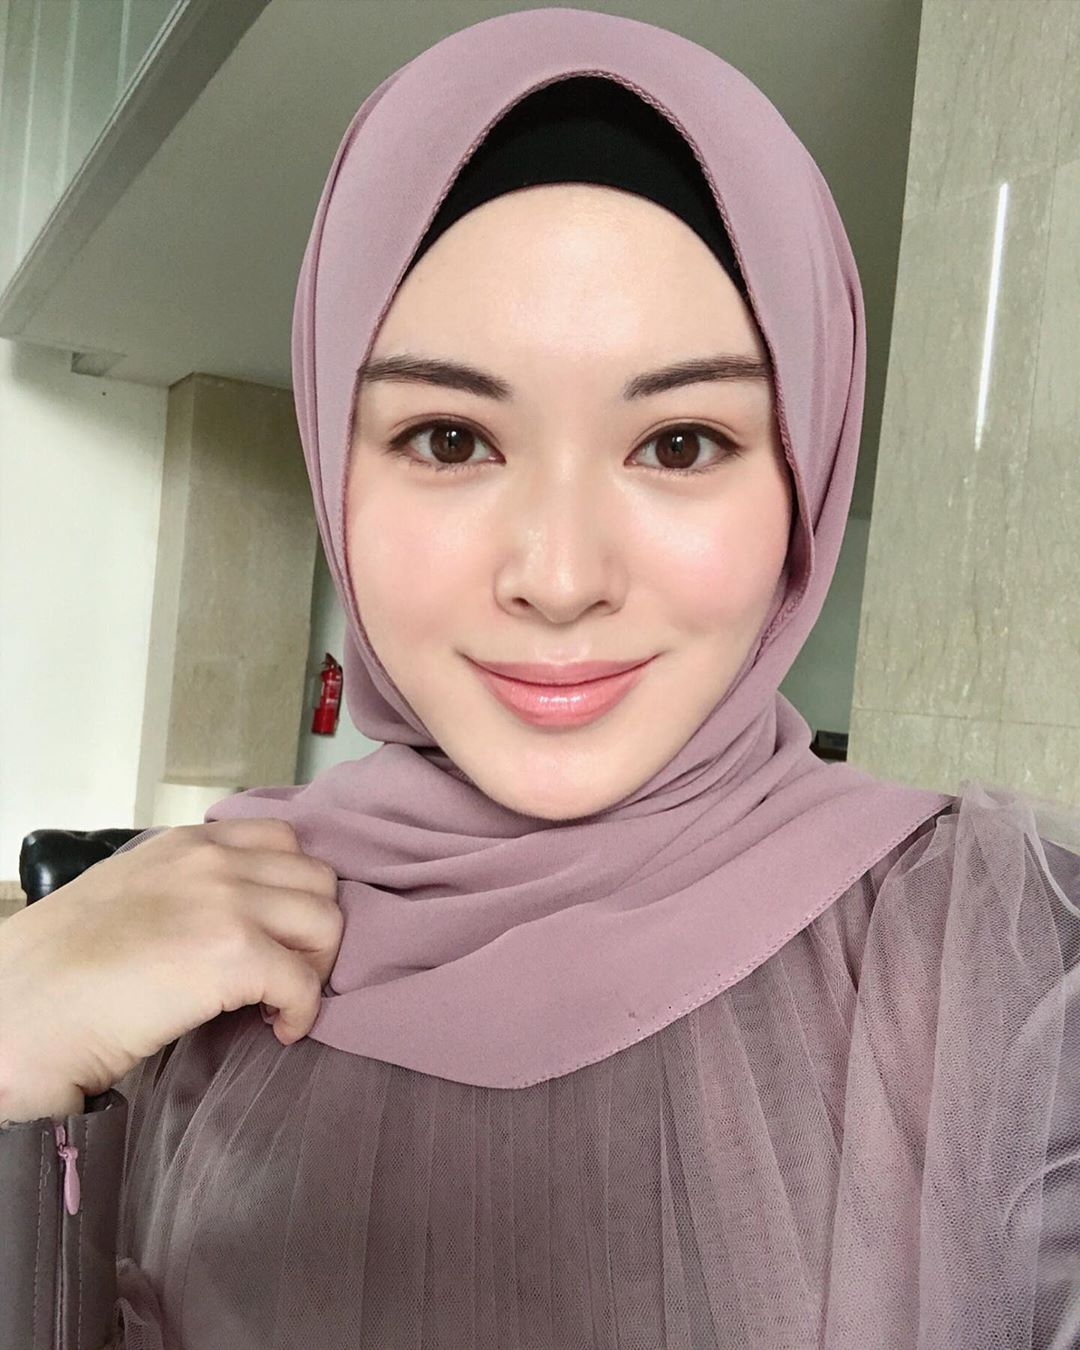 Ayana Jihye Moon